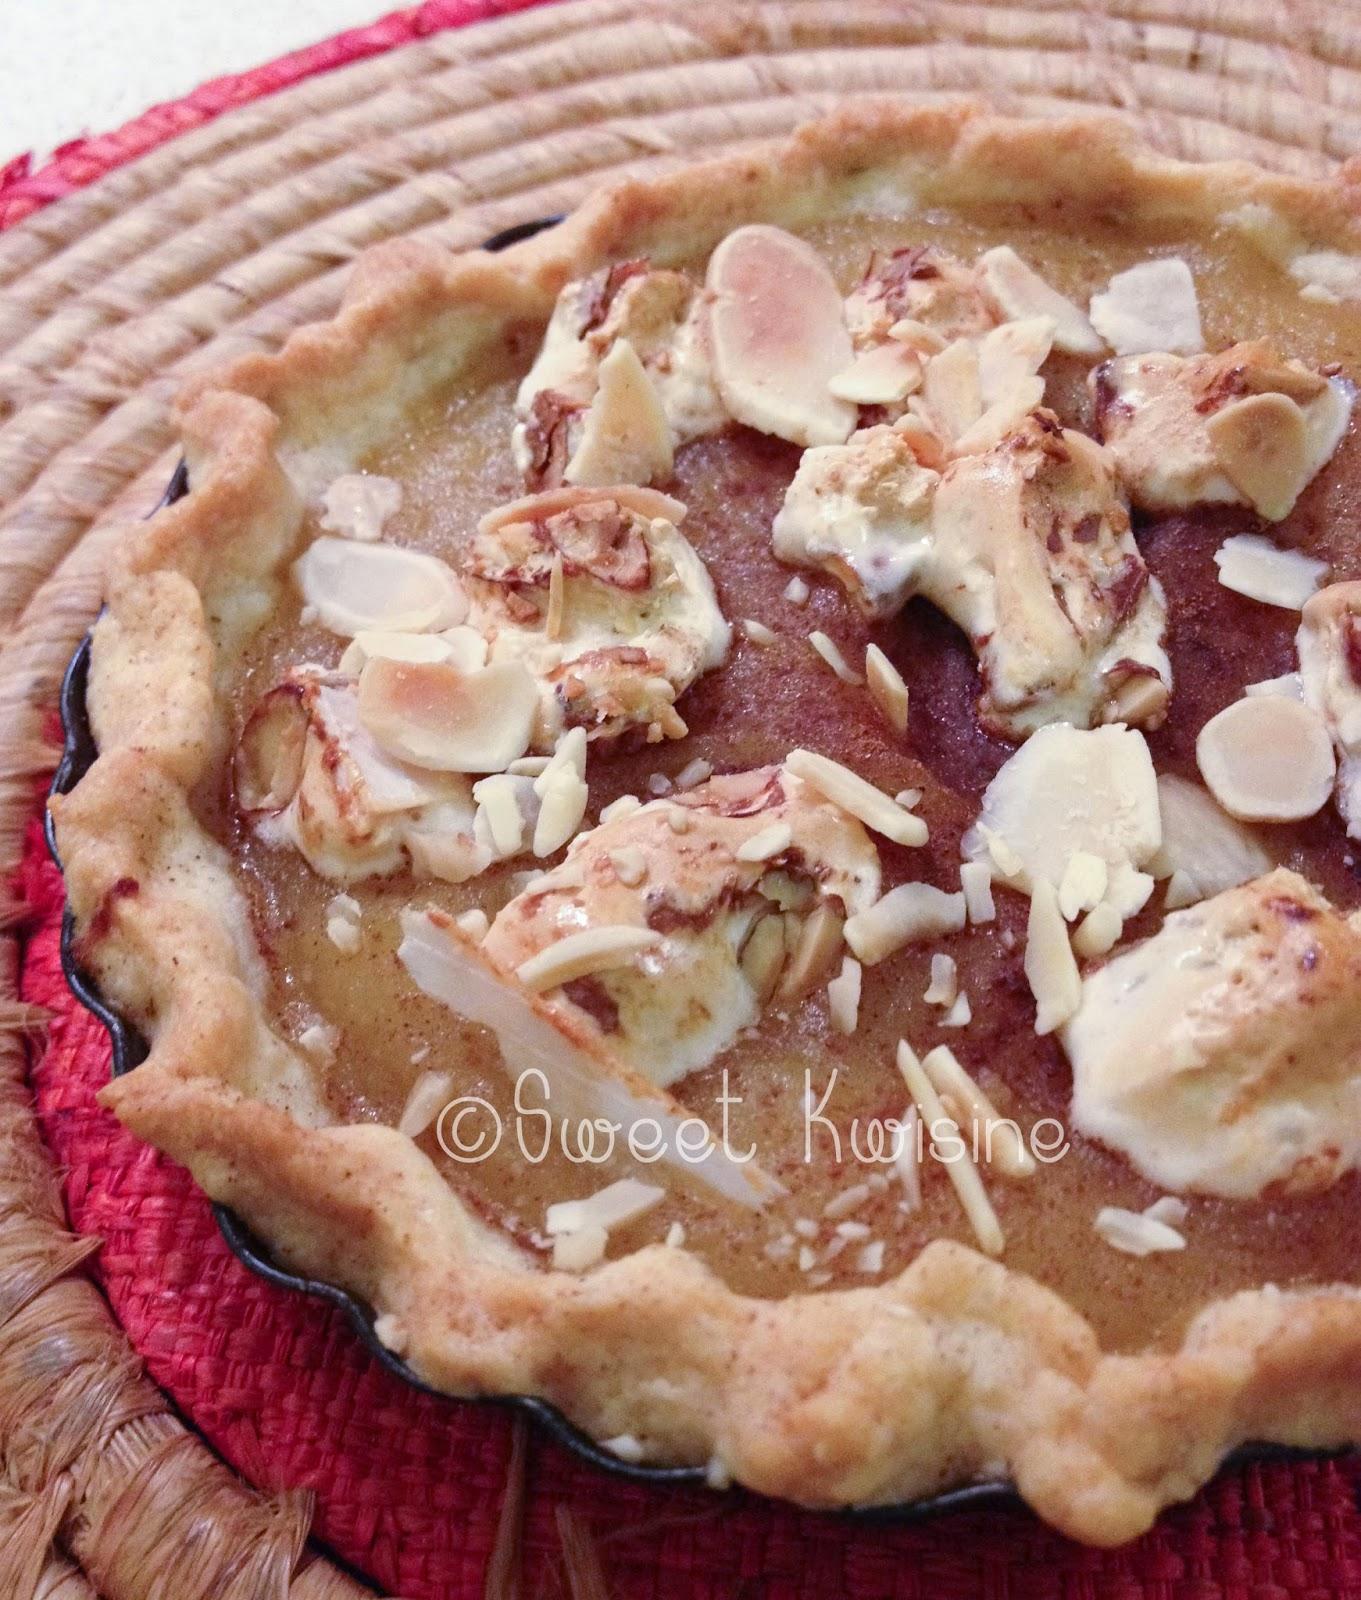 sweet kwisine, tarte, pommes, compote, sans sucre, nougat, turron, amandes, miel, Montélimar, pâte sablée